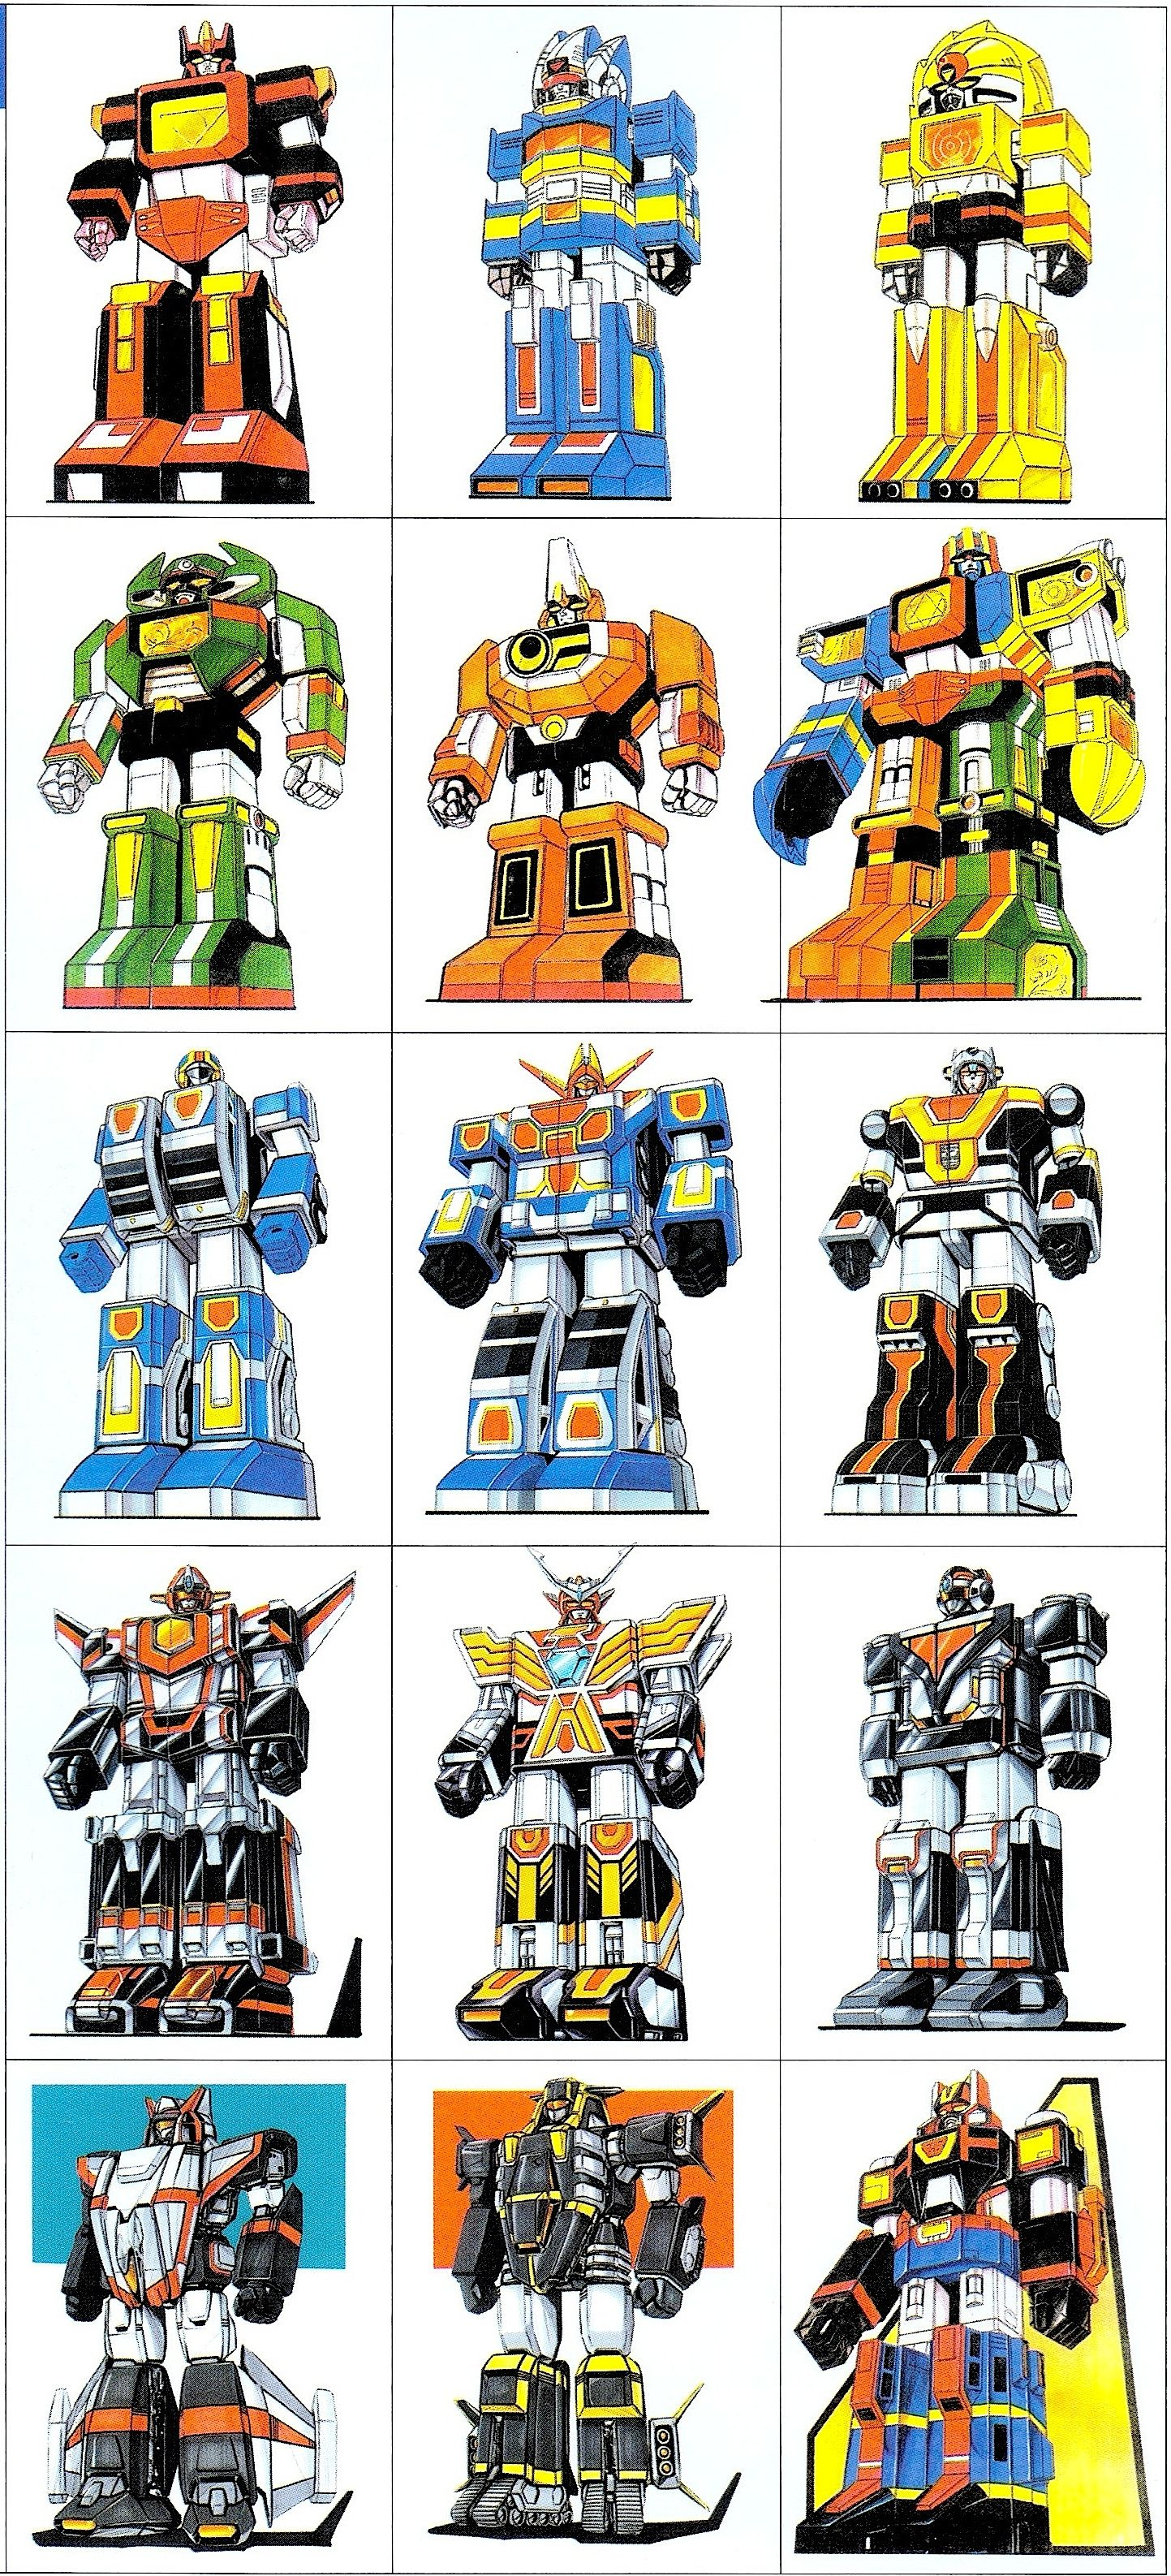 Super Sentai Mecha Concept Art Power rangers art